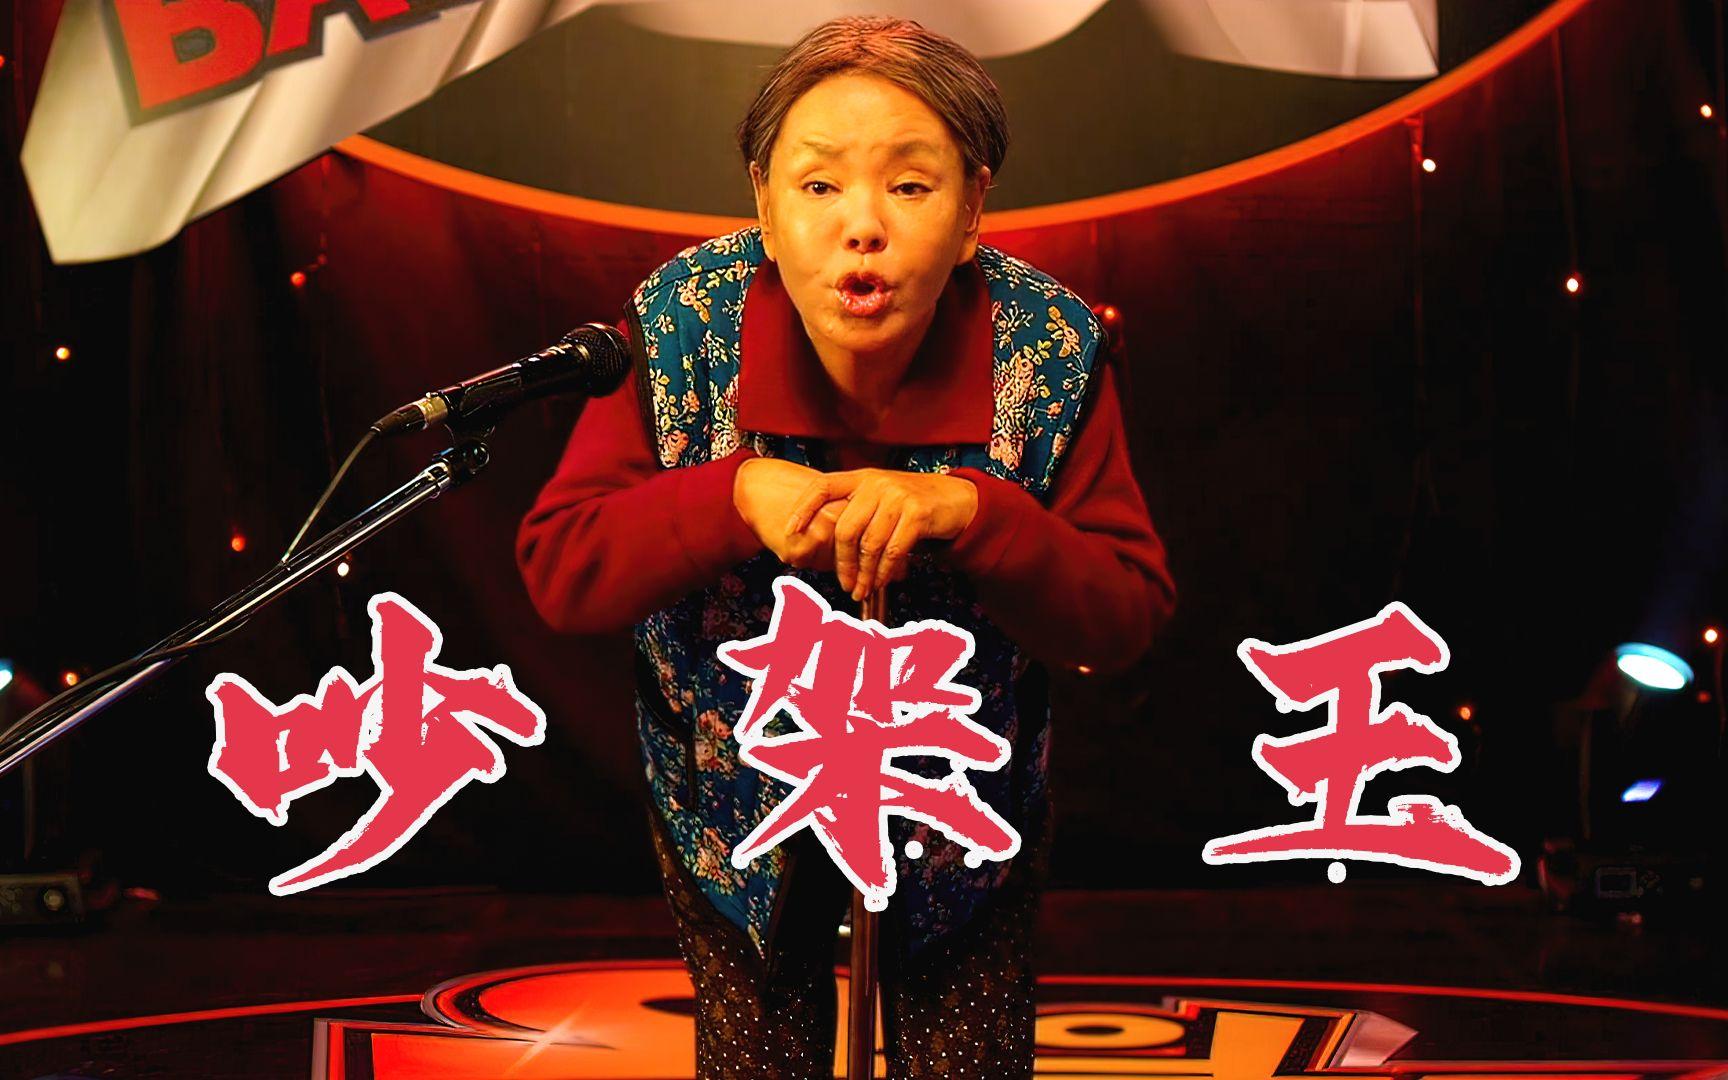 喜剧片:85岁老奶奶凭借骂人绝技,成为吵架王,赢得3亿奖金